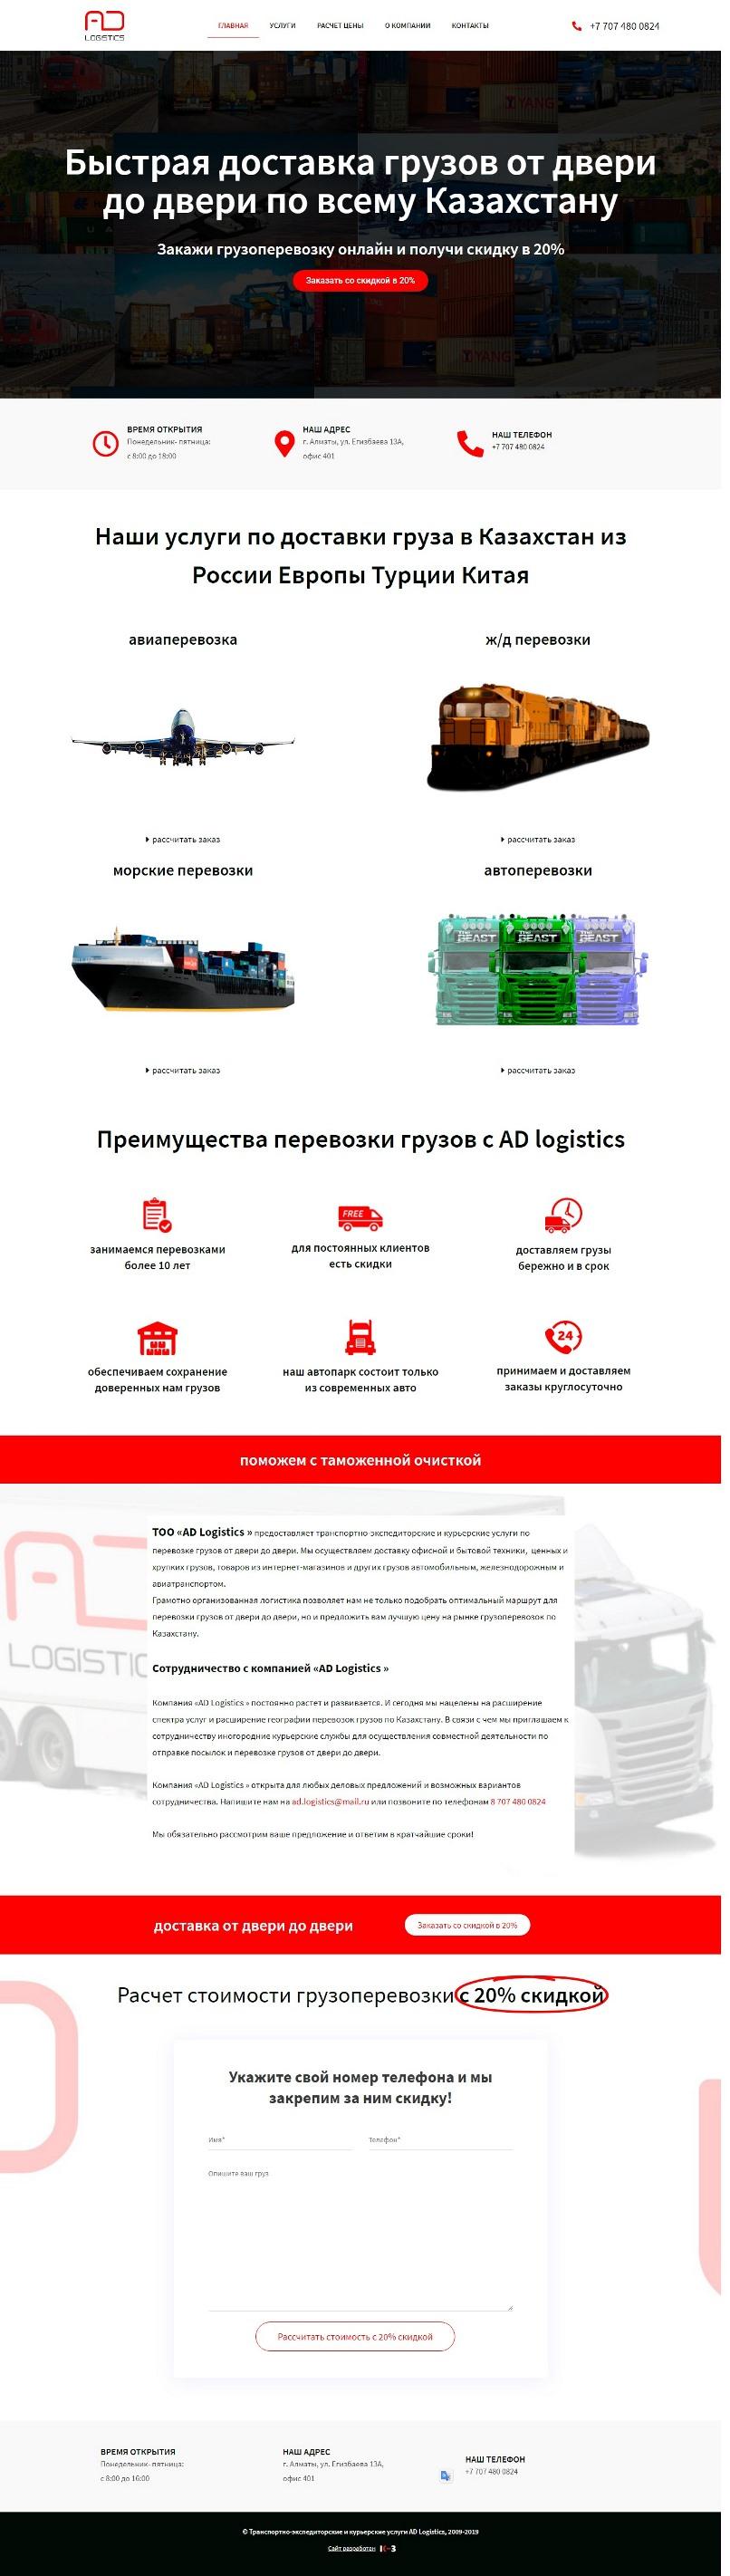 Landing page для экспедиторских и курьерских услуг